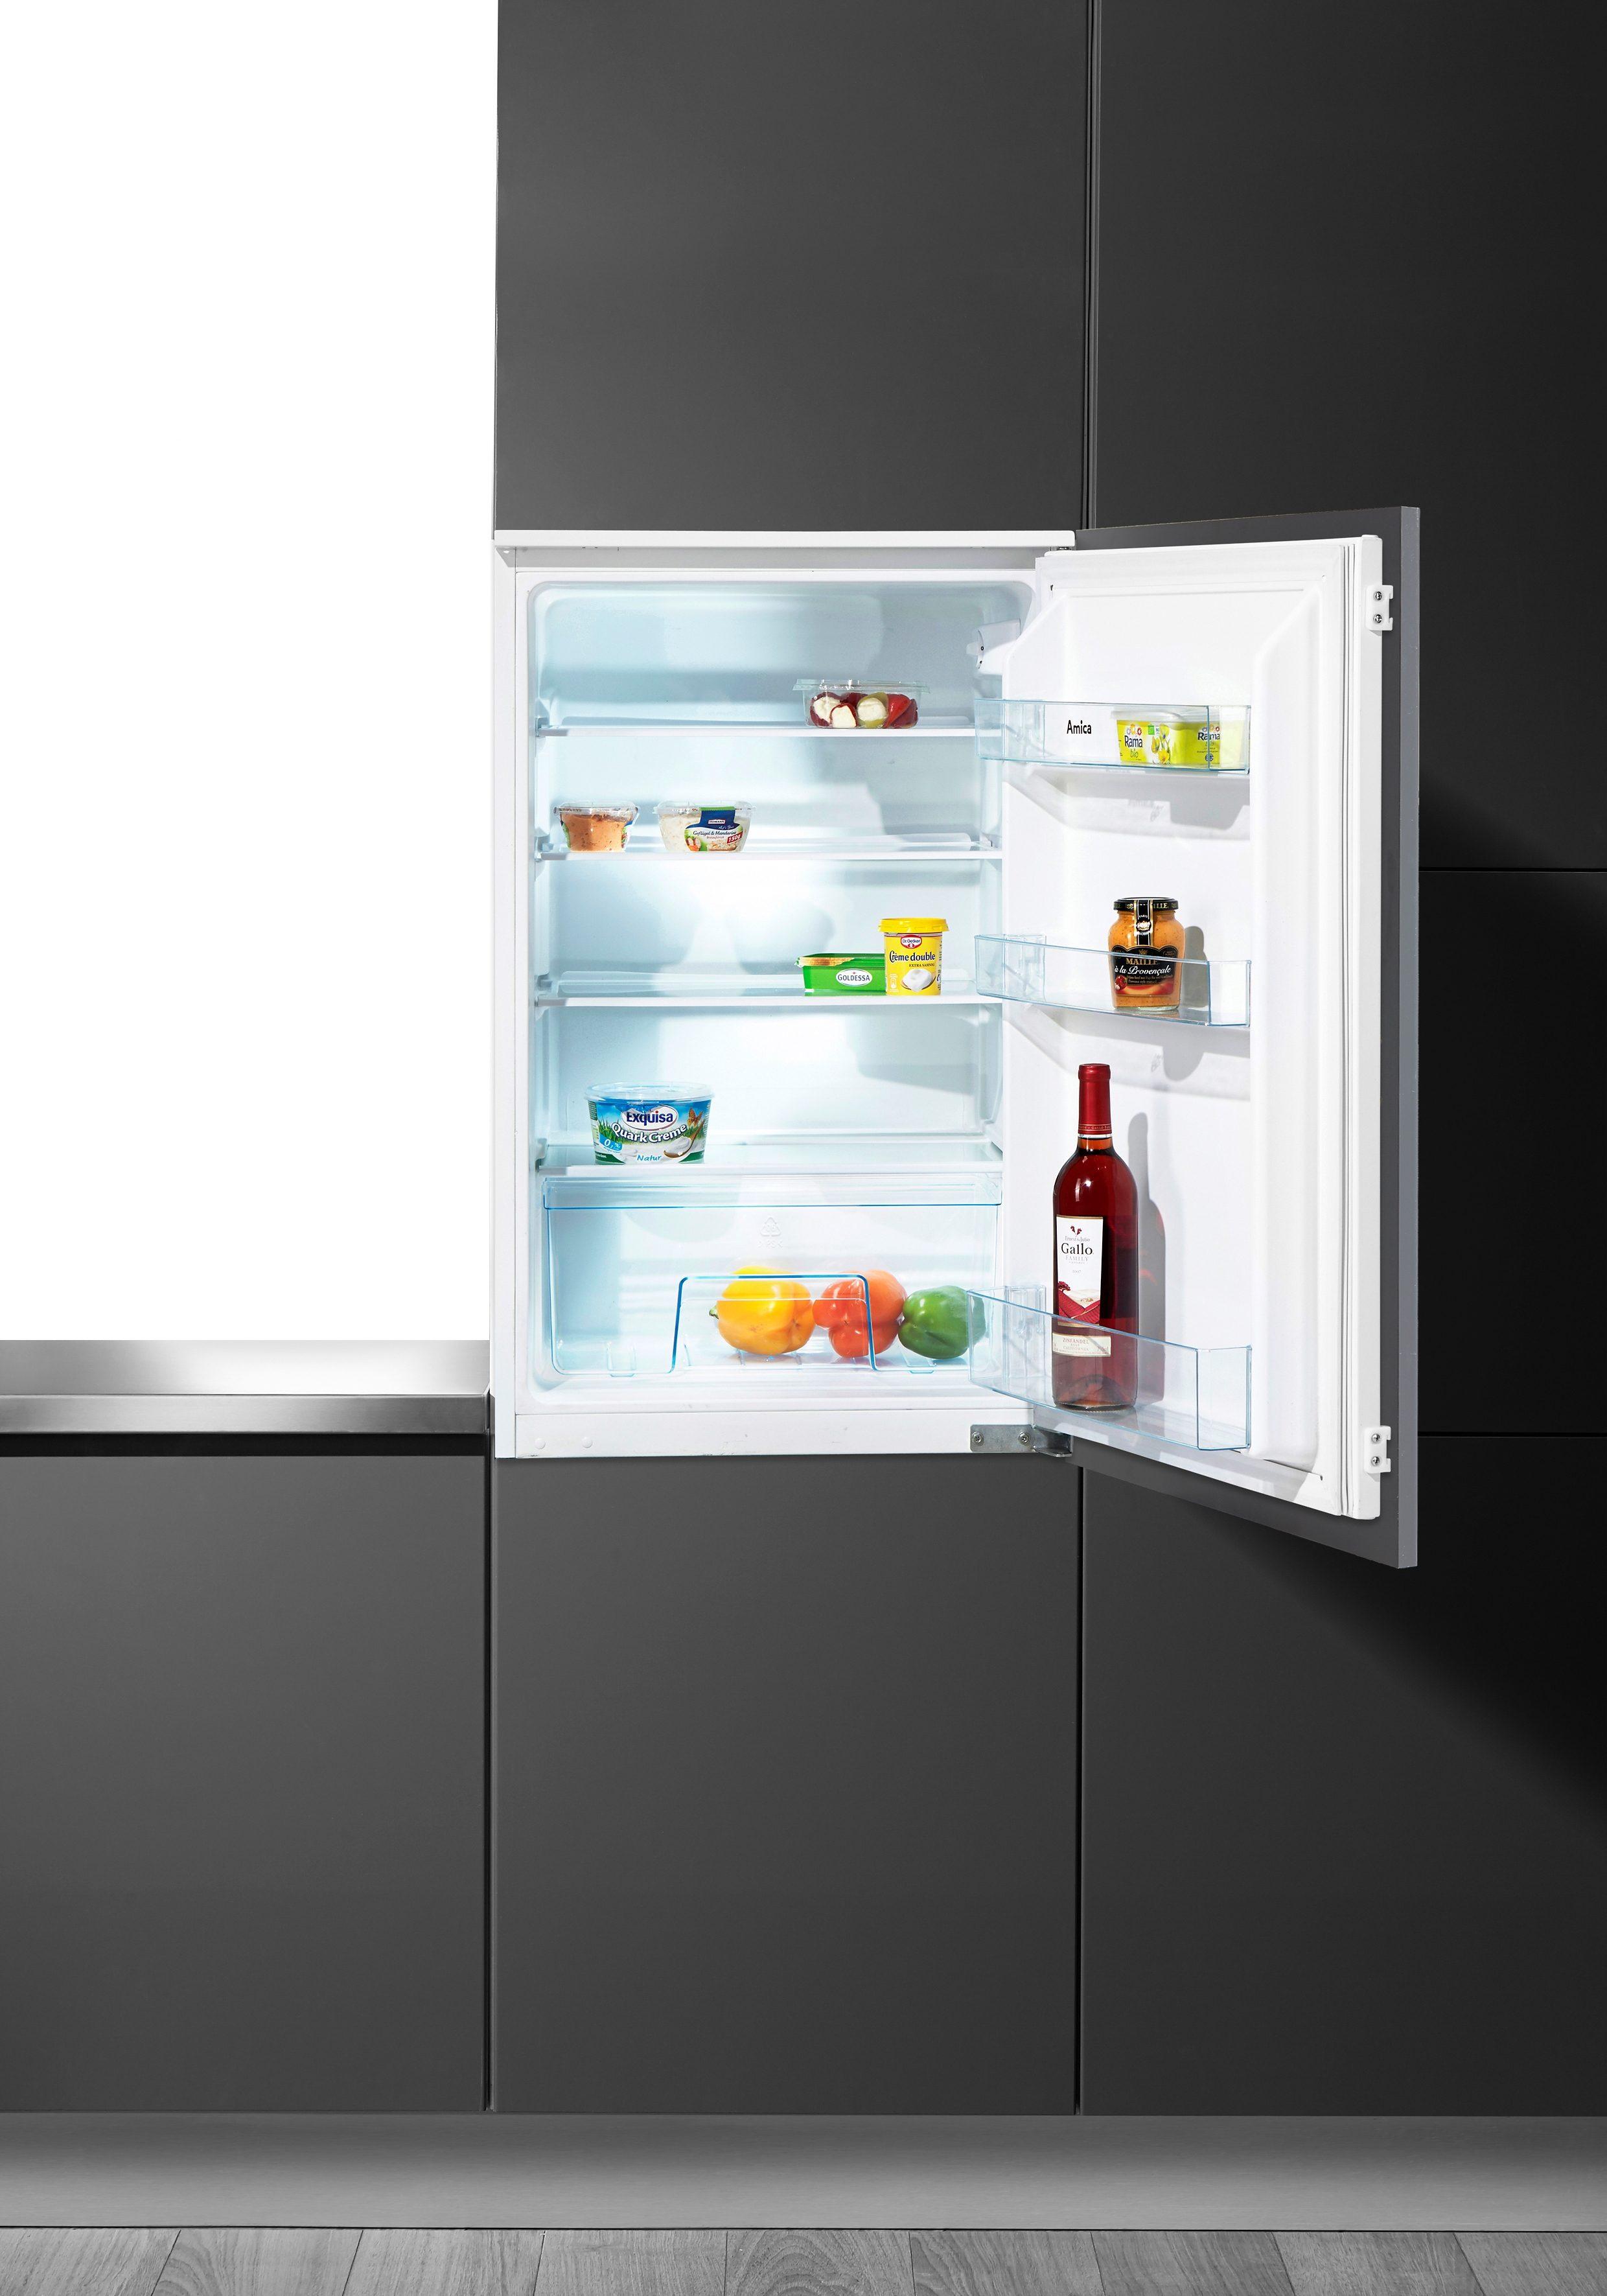 Amica integrierbarer Einbau-Kühlschrank EVKS 16162, A+